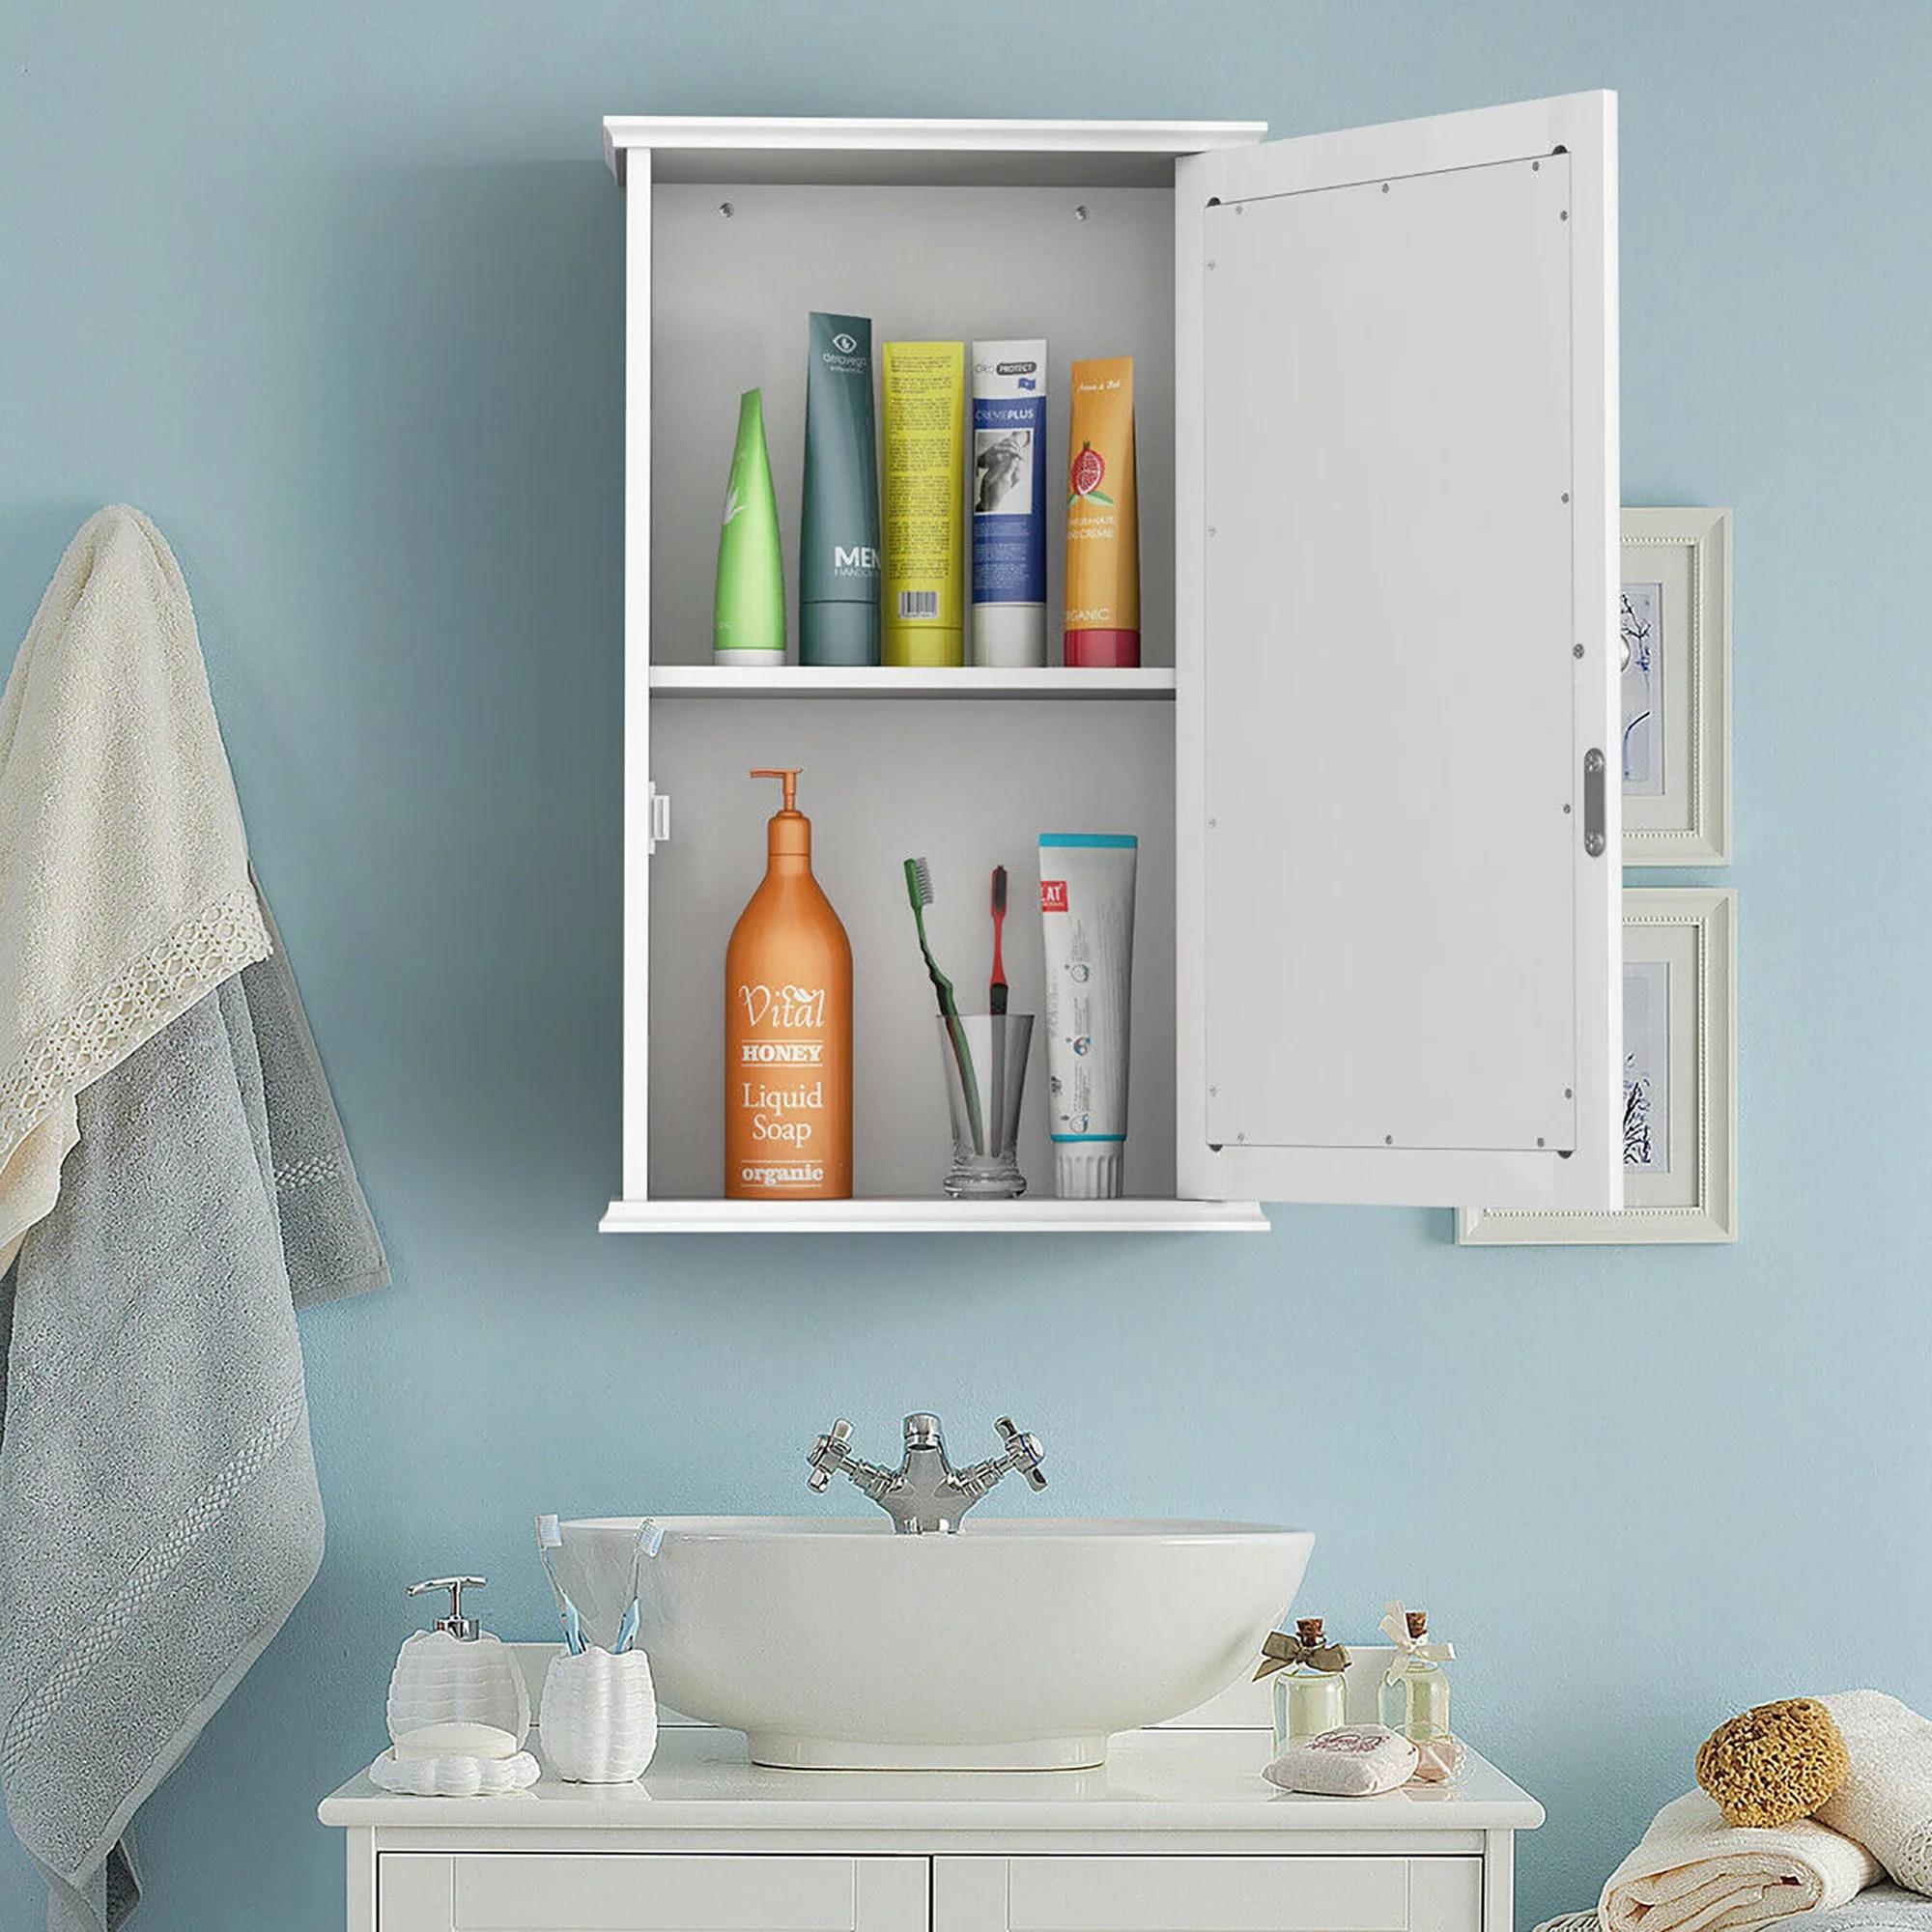 costway armoire de toilette murale meuble a miroir en bois de salle de bain avec etagere de rangement 1 porte 34 x 15 x 53 cm blanche